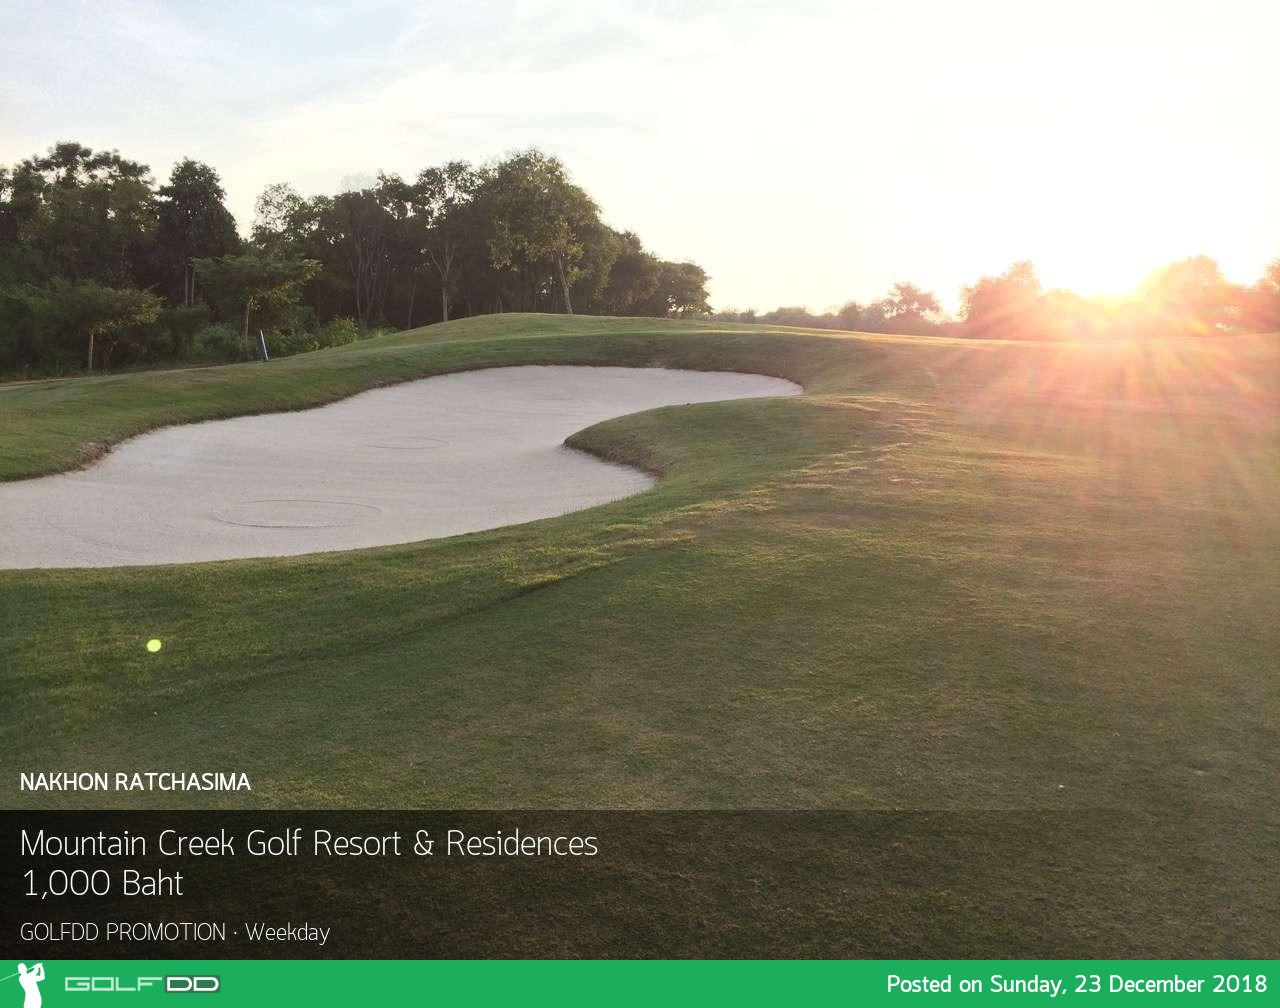 สนามสำหรับโปรทุกท่าน ท่ามกลางทิวทัศน์ที่สวยงาม สงบเป็นส่วนตัวที่ Mountain Creek Golf Resort and Residences